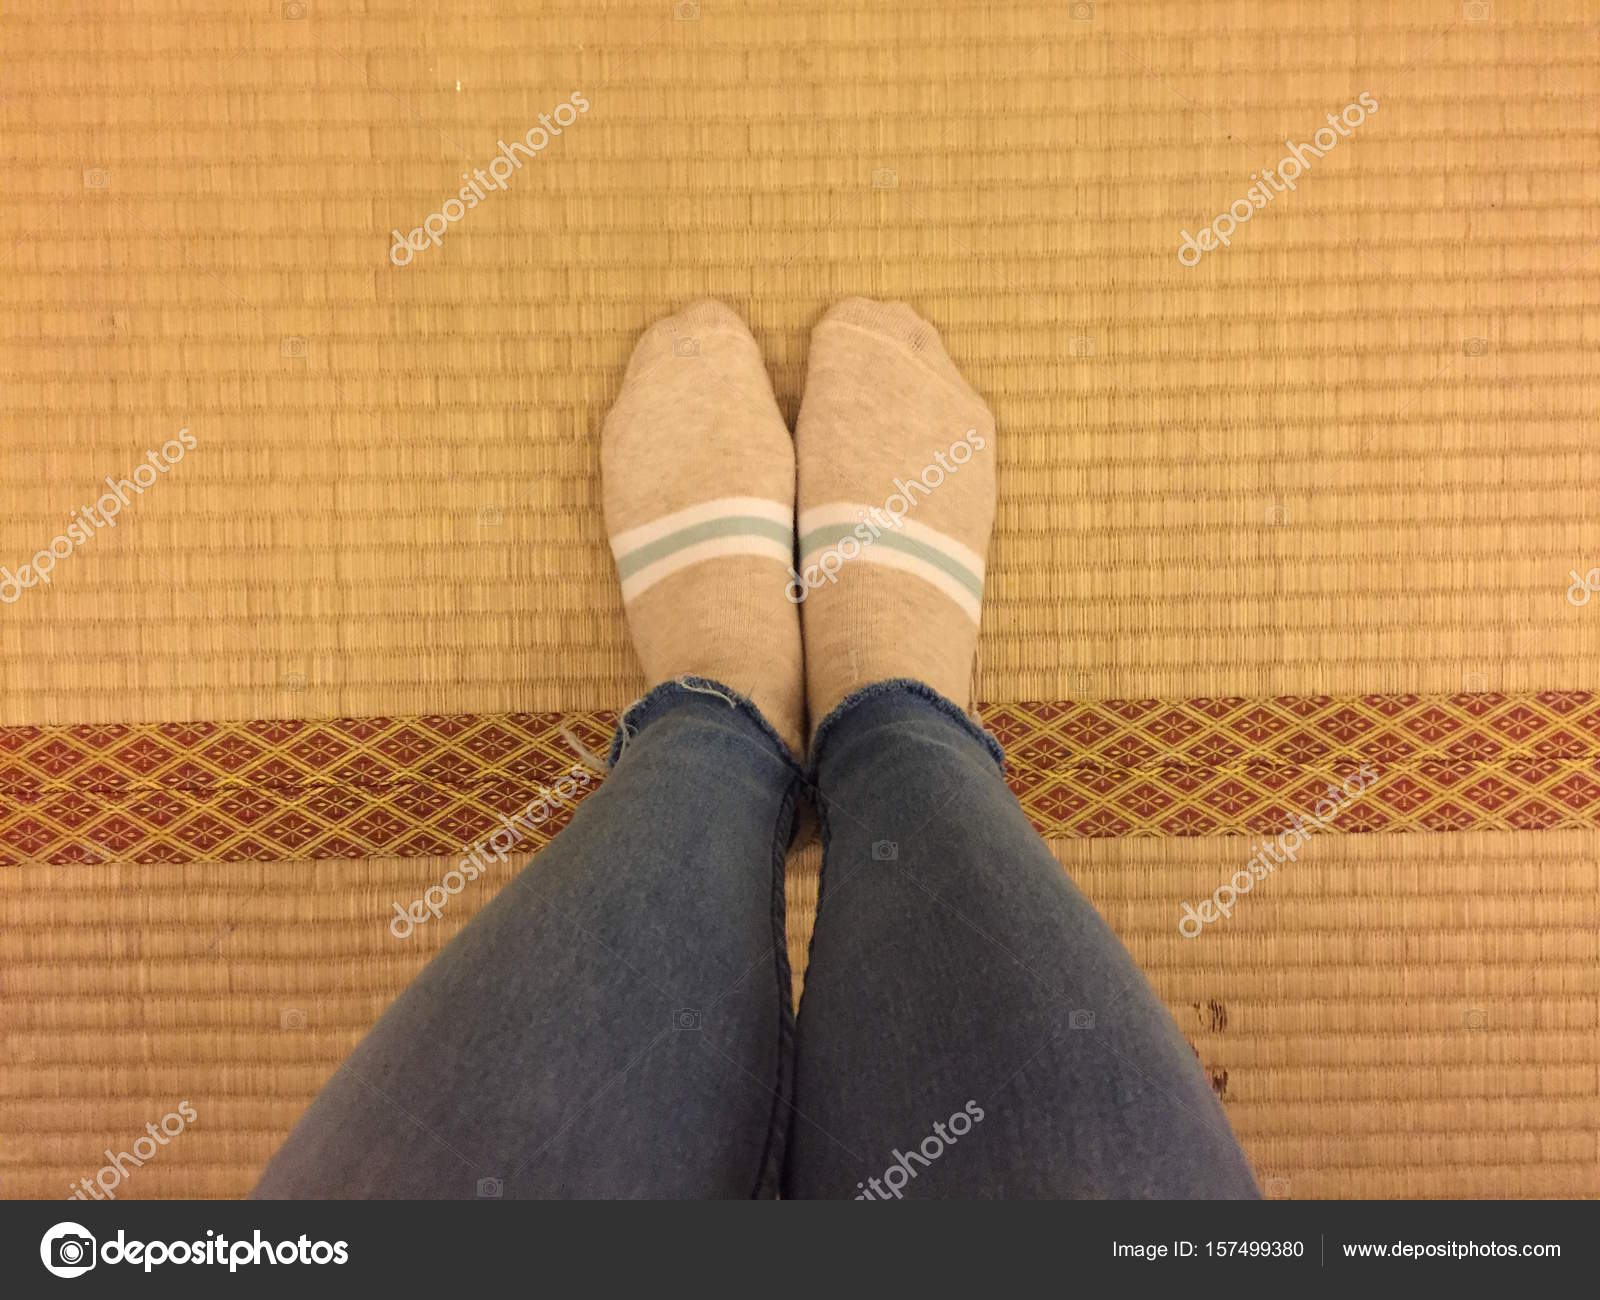 ba64ceb7a9 Selfie pies usando calcetines y los pantalones vaqueros en madera de origen  Japon — Foto de